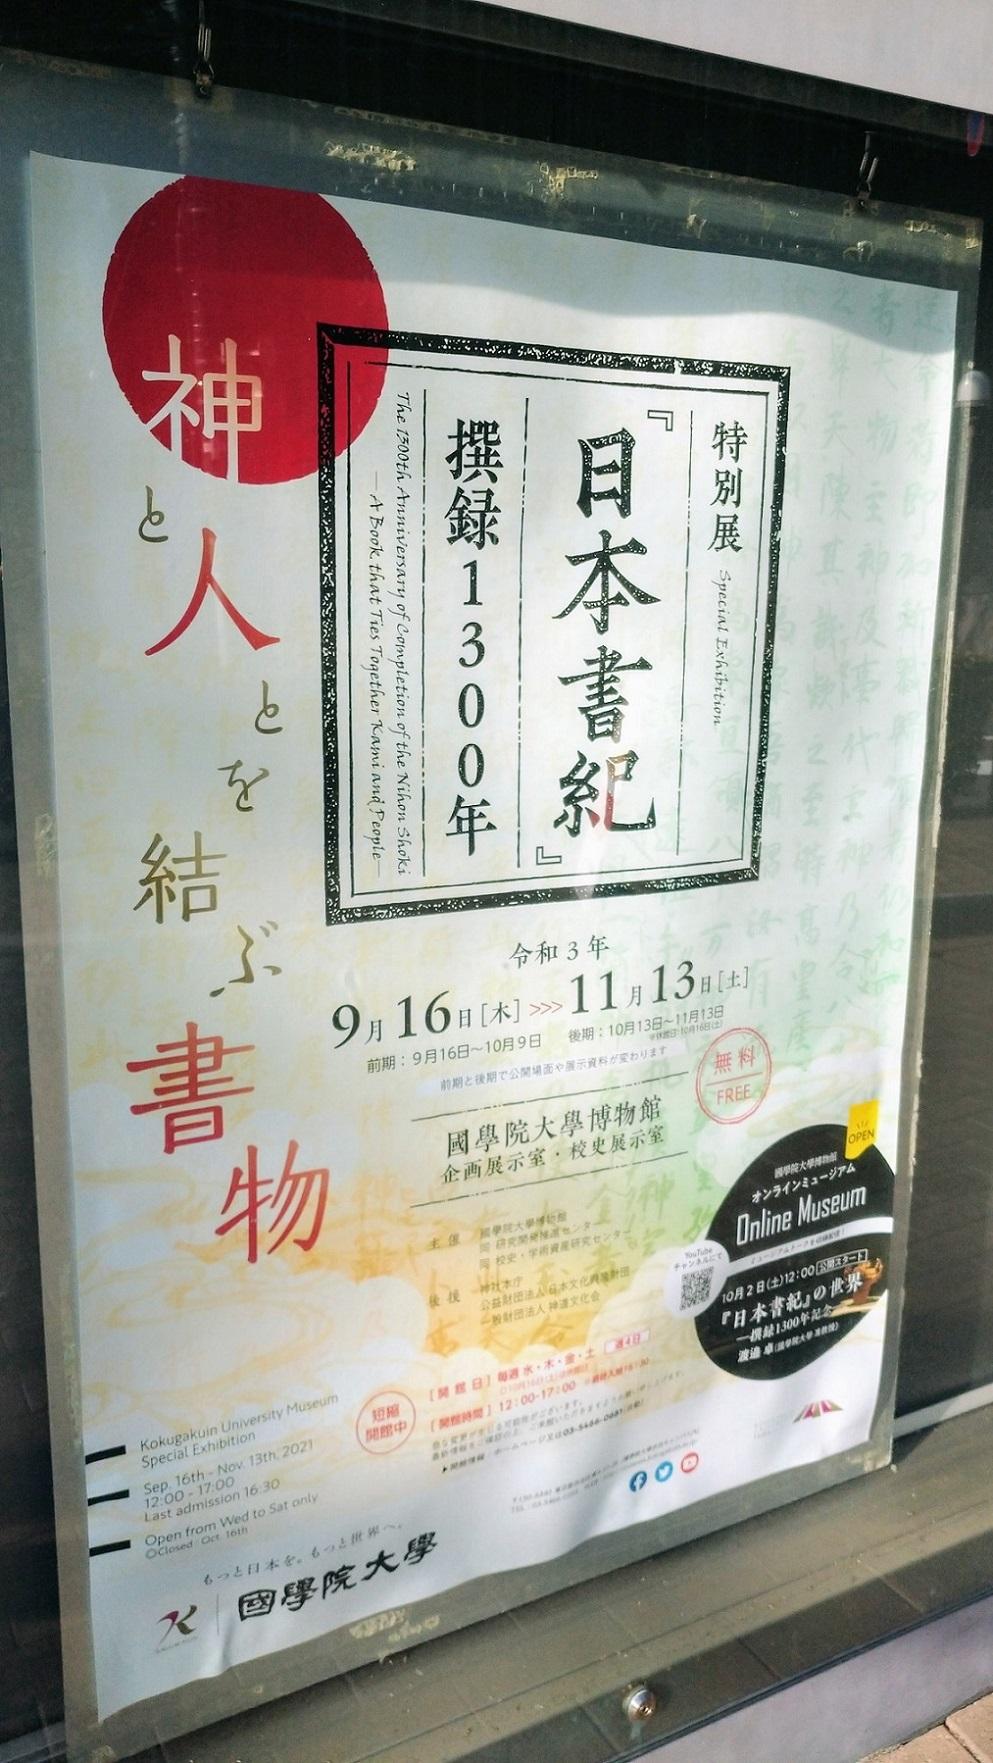 『日本書紀』撰録1300年―神と人とを結ぶ書物―展@國學院大學博物館_c0002171_07012150.jpg